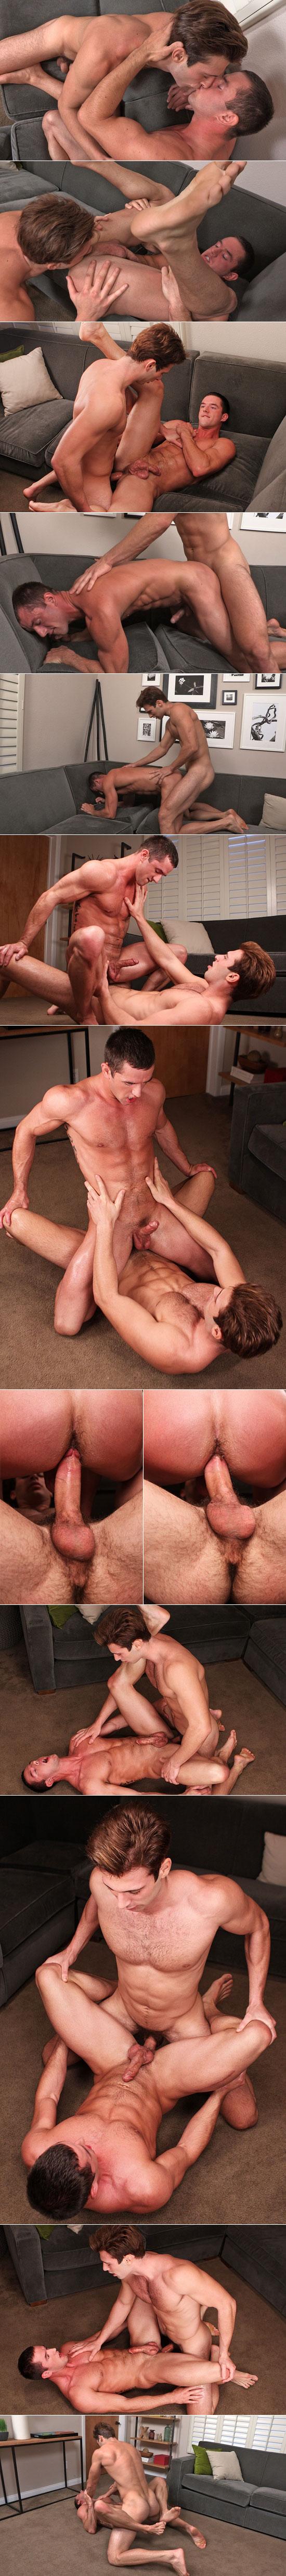 Jarek and Zack at Sean Cody